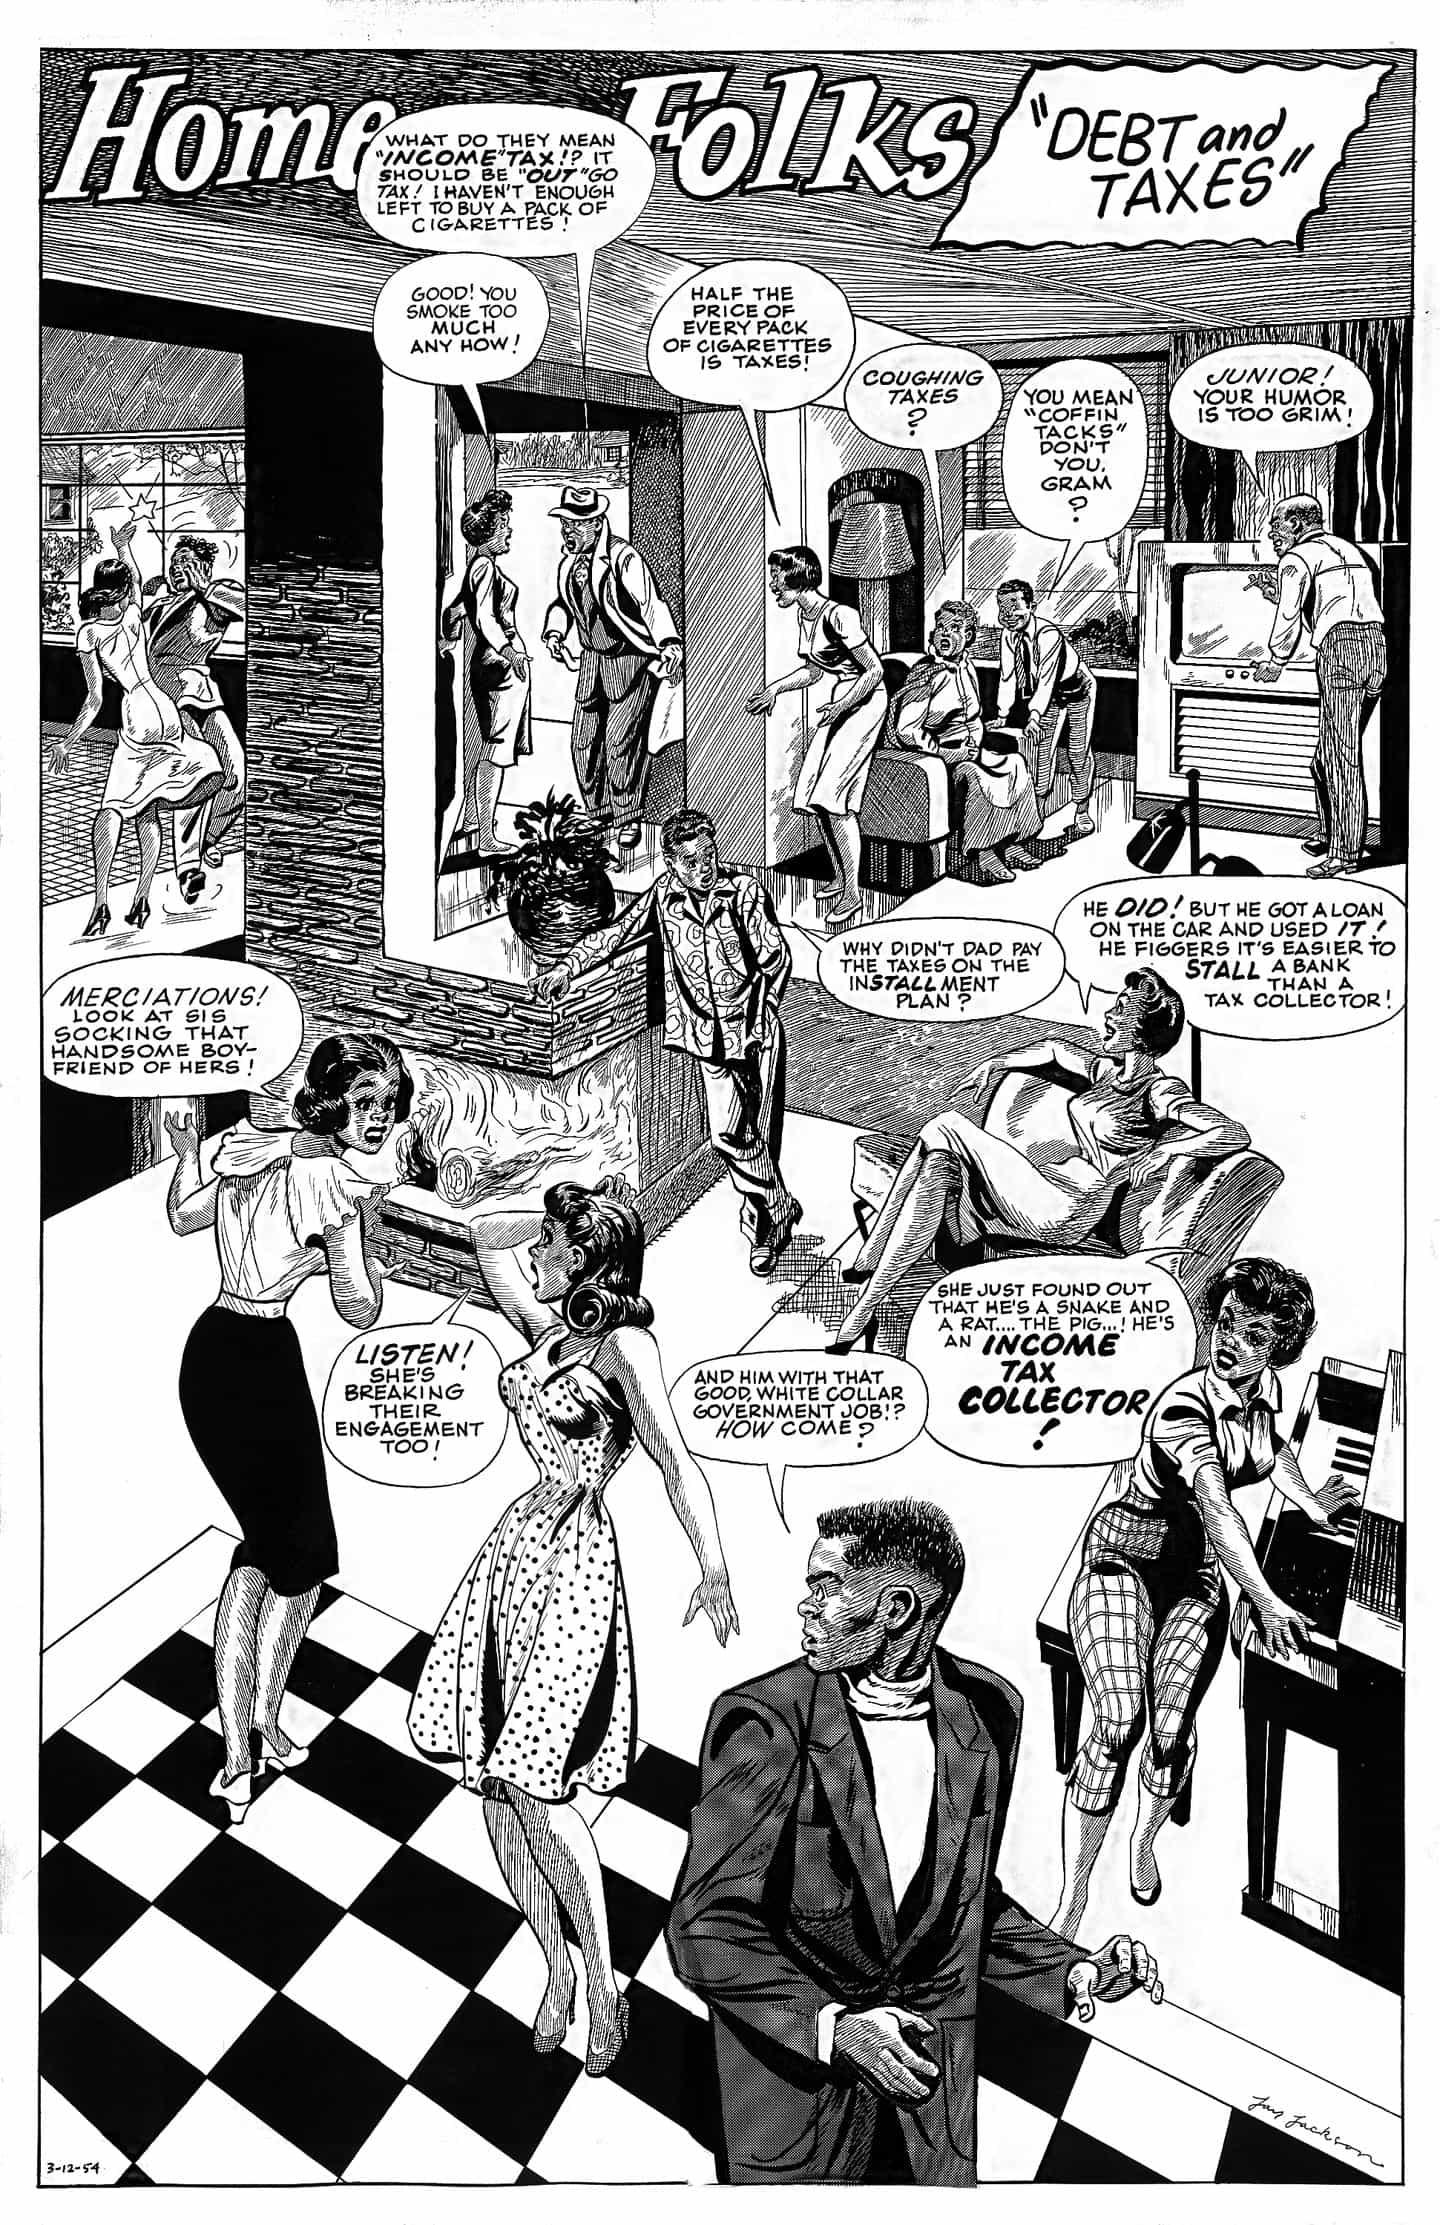 Un nuevo libro detalla el trabajo de los dibujantes negros en Chicago entre 1940-1980